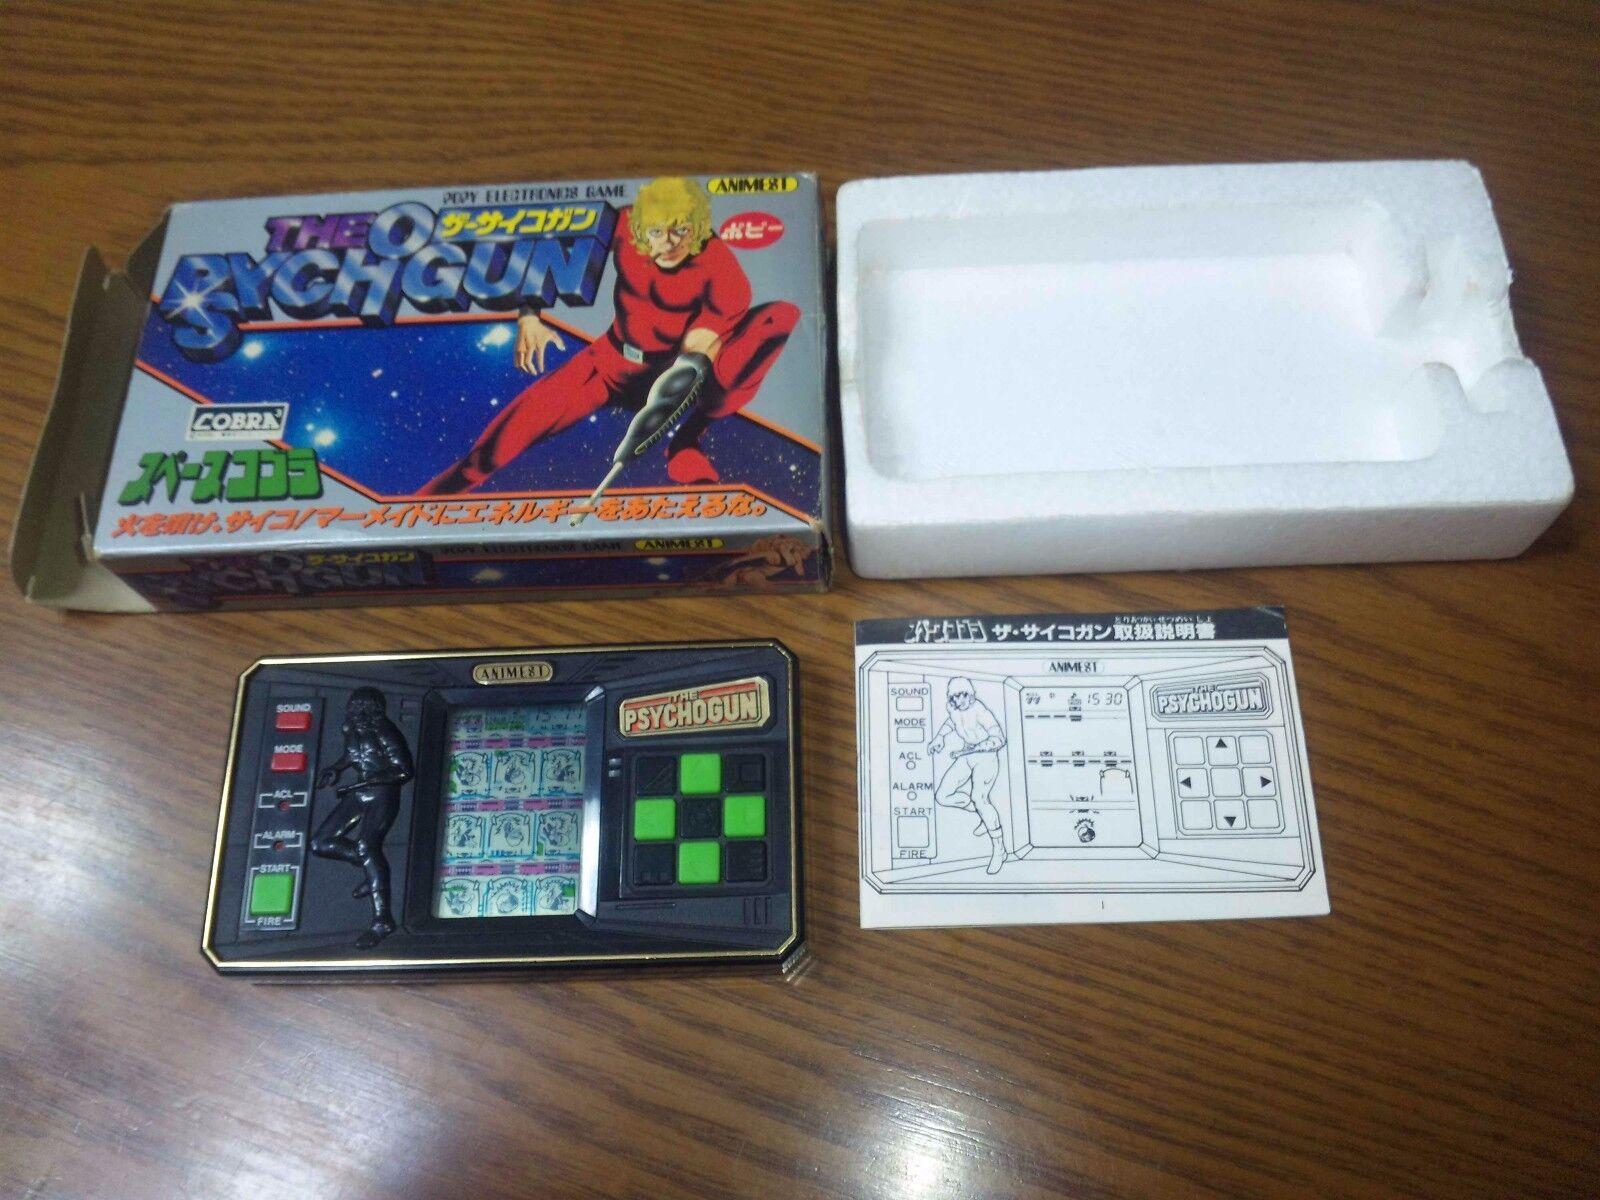 Reloj de juego el espacio psychogan aventura cobra Popy Japón Juego de electrónica